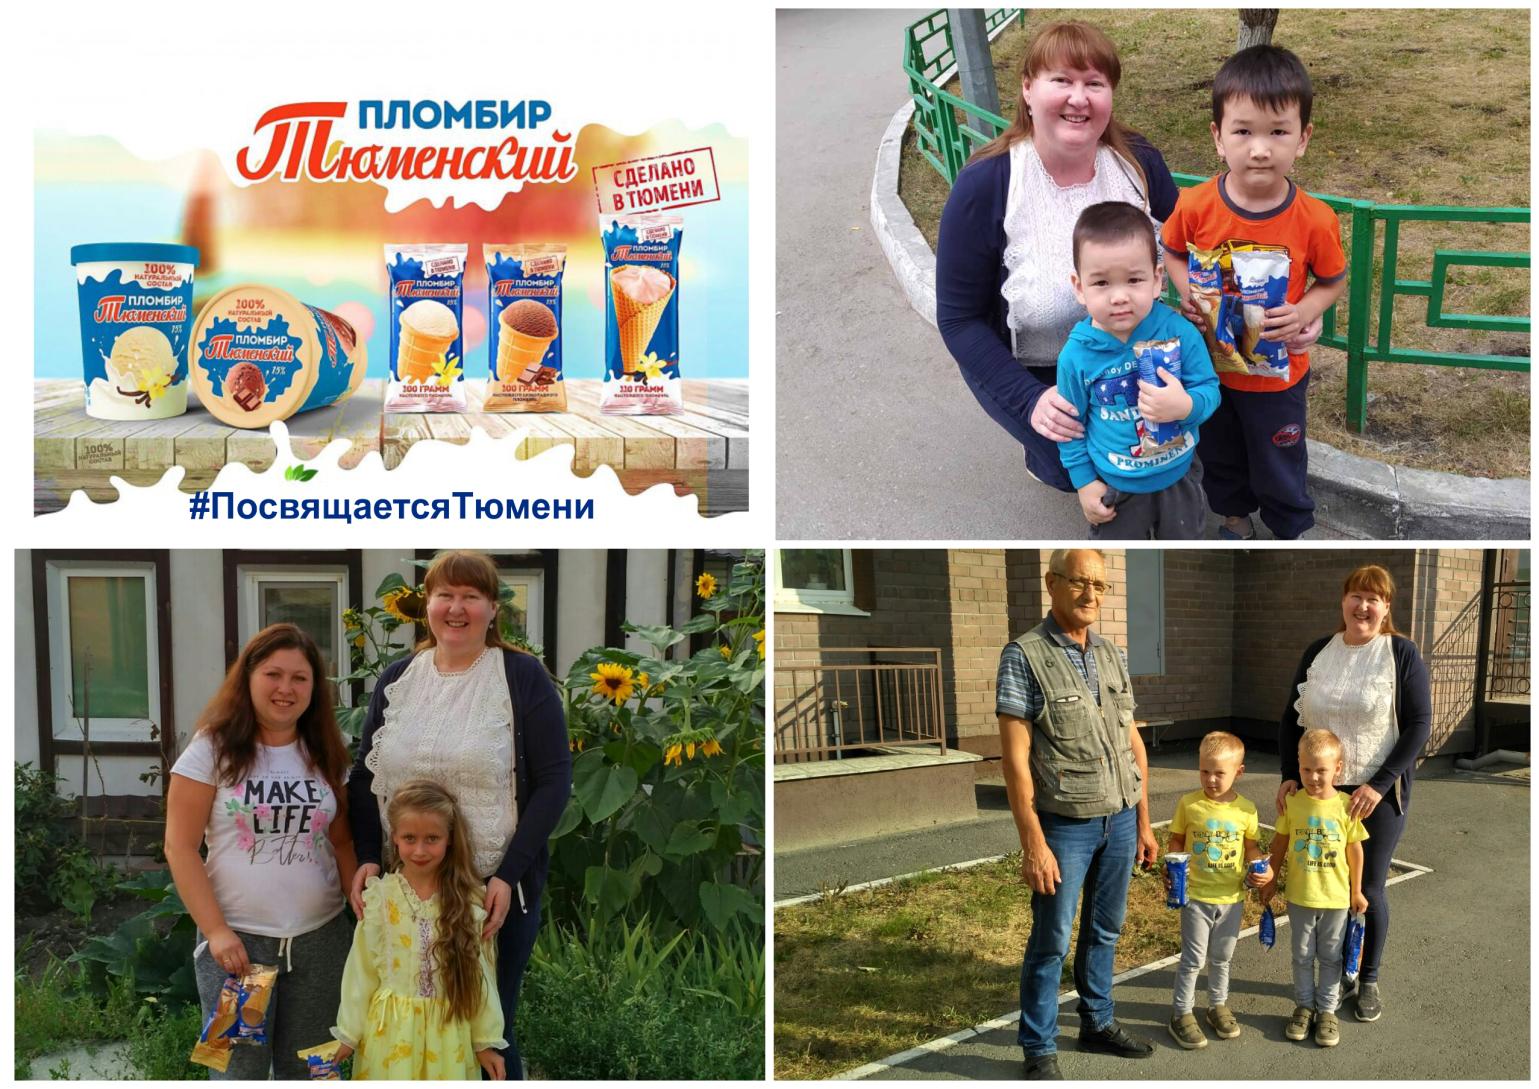 C:\Users\treff\Desktop\Грамоты и благодарности\Многодетная семья в истории Сибири\Коробка мороженого\Мороженое.png